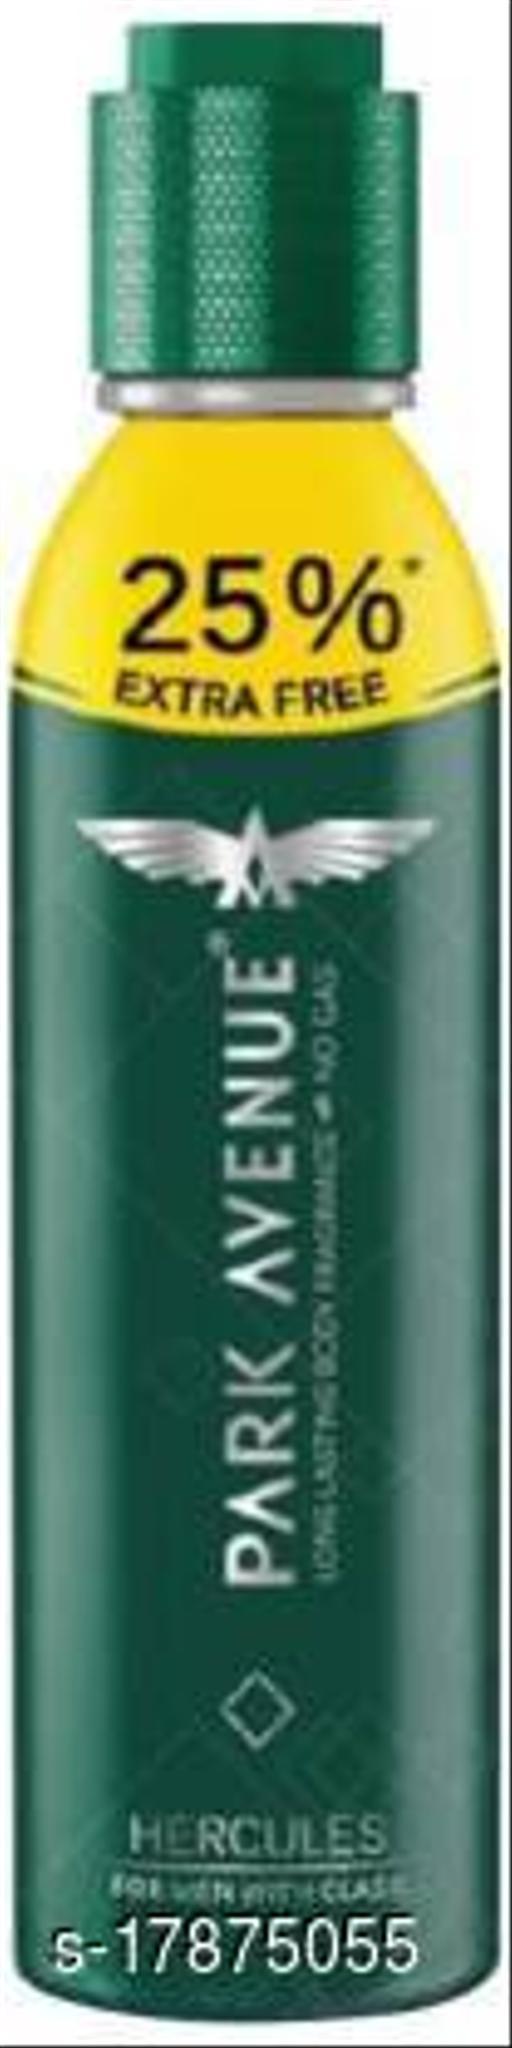 Park Avenue Hercules Deodorant